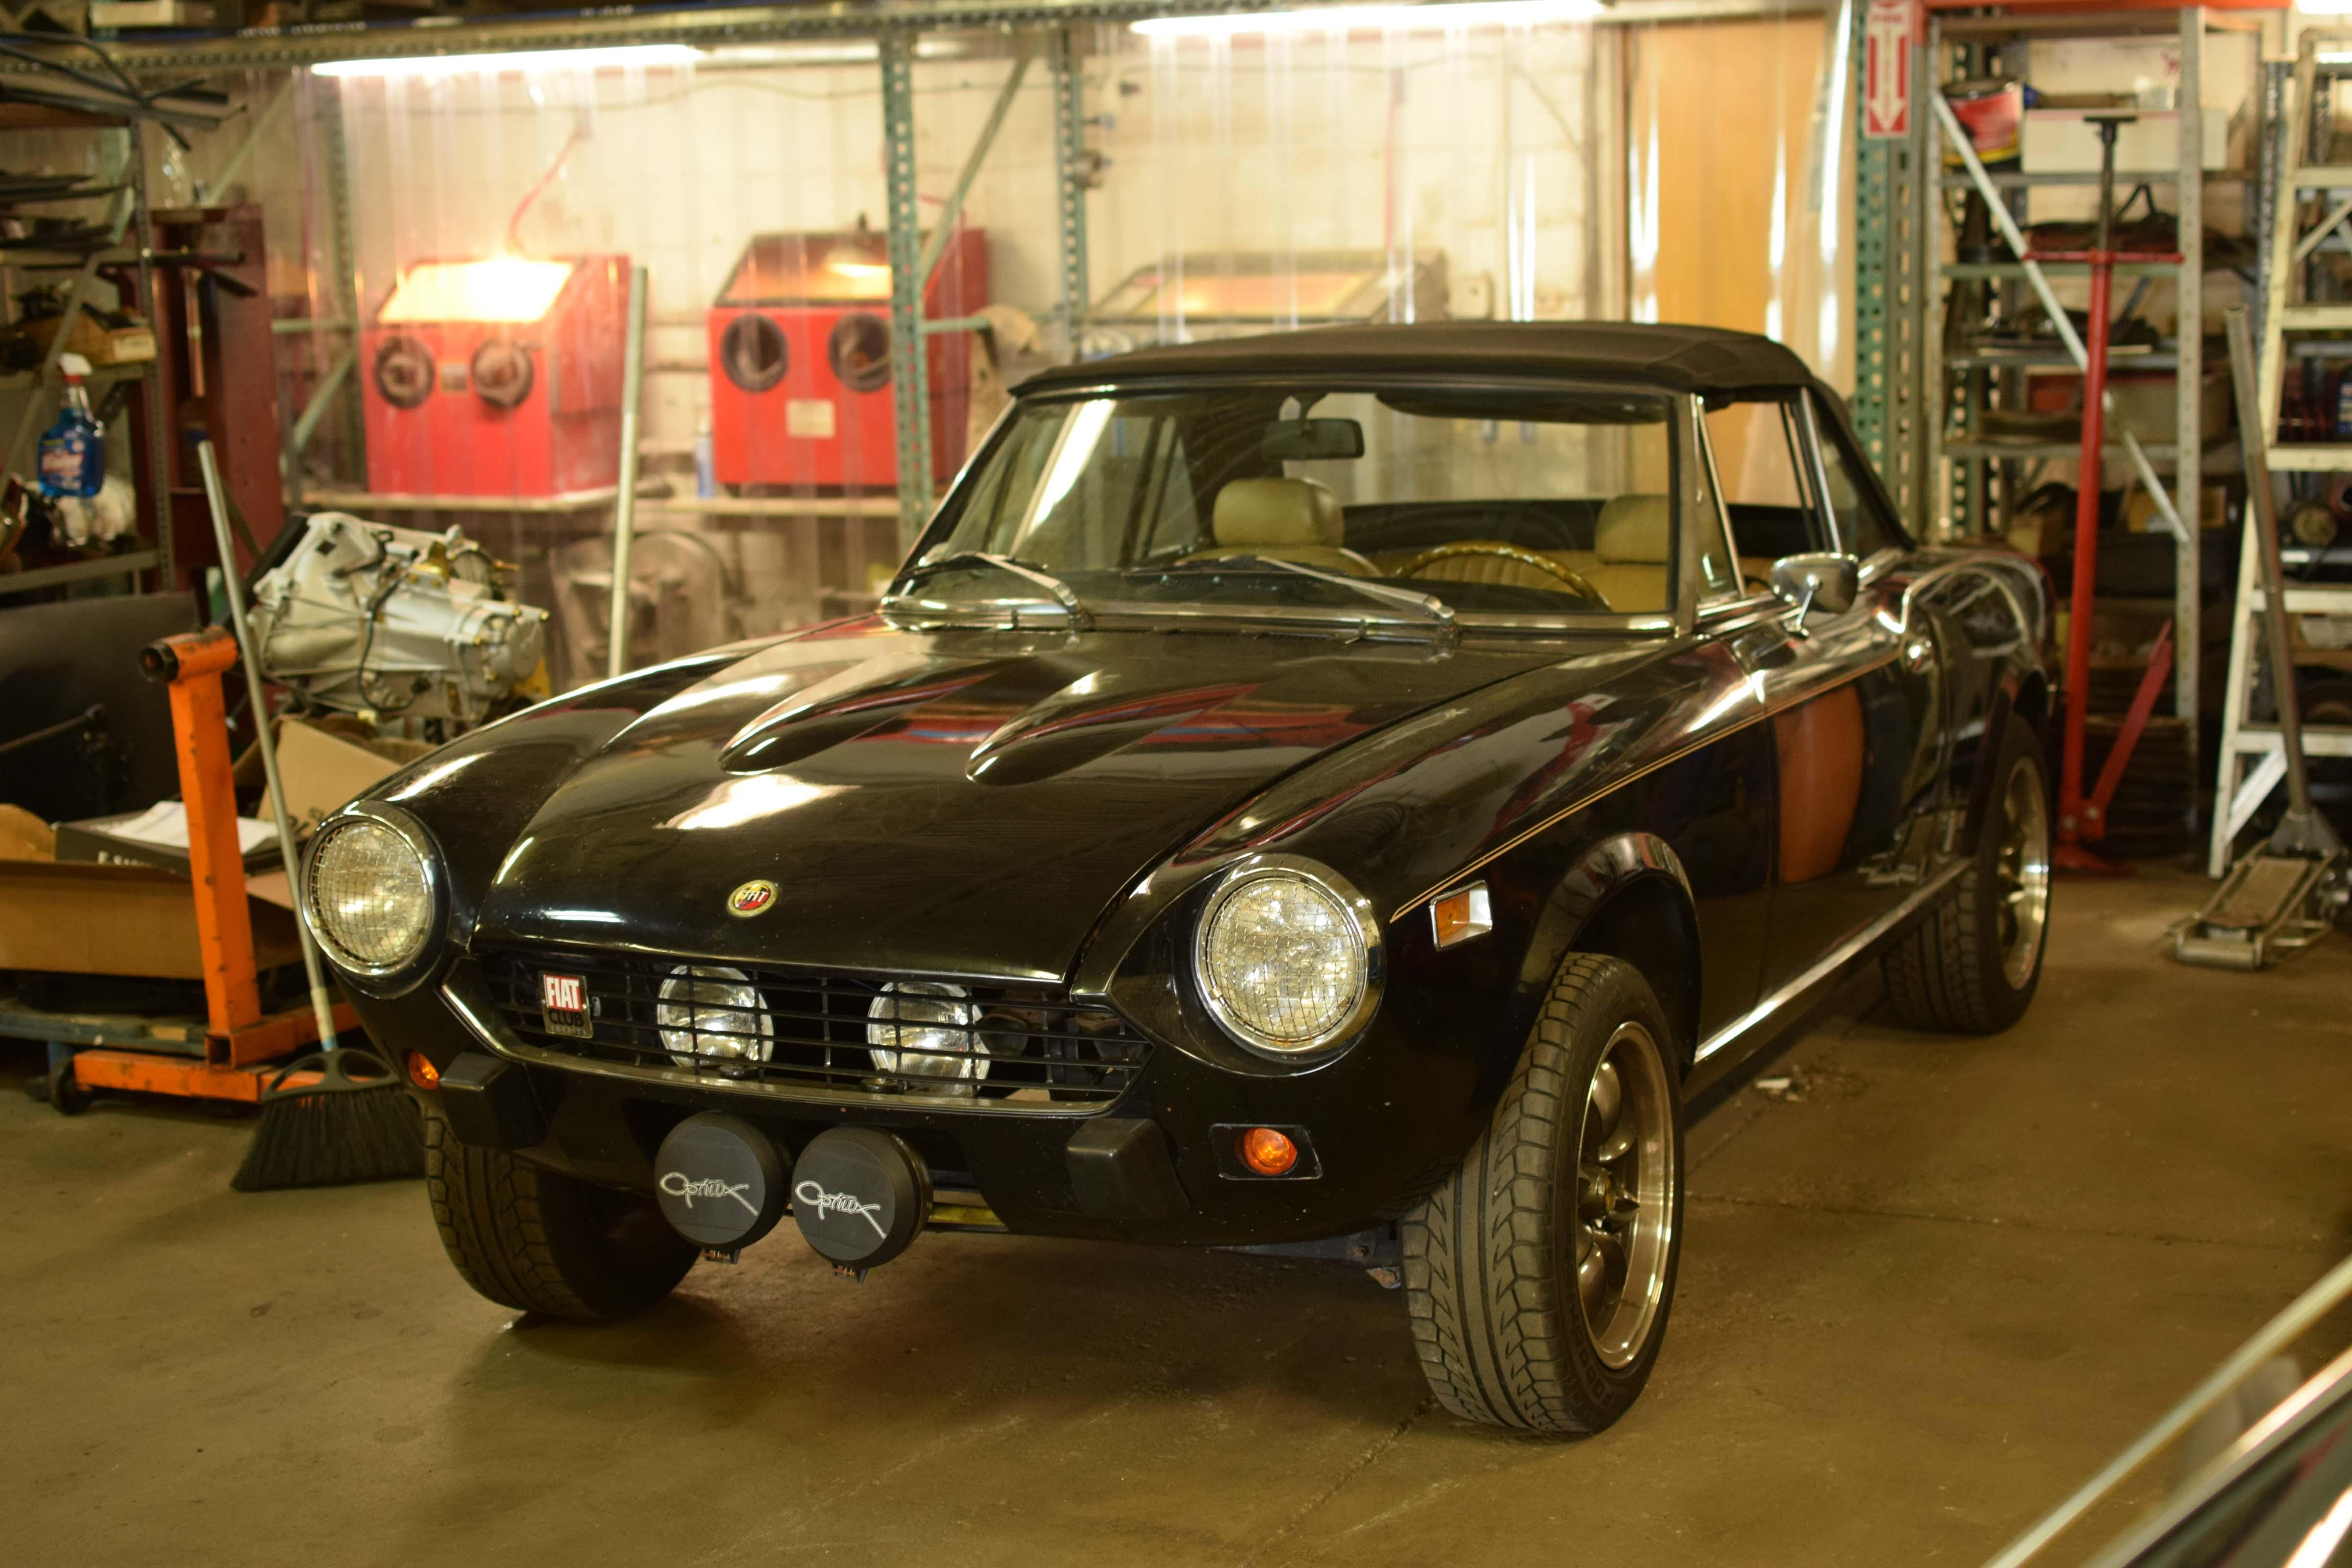 classic Fiat at x19 shop